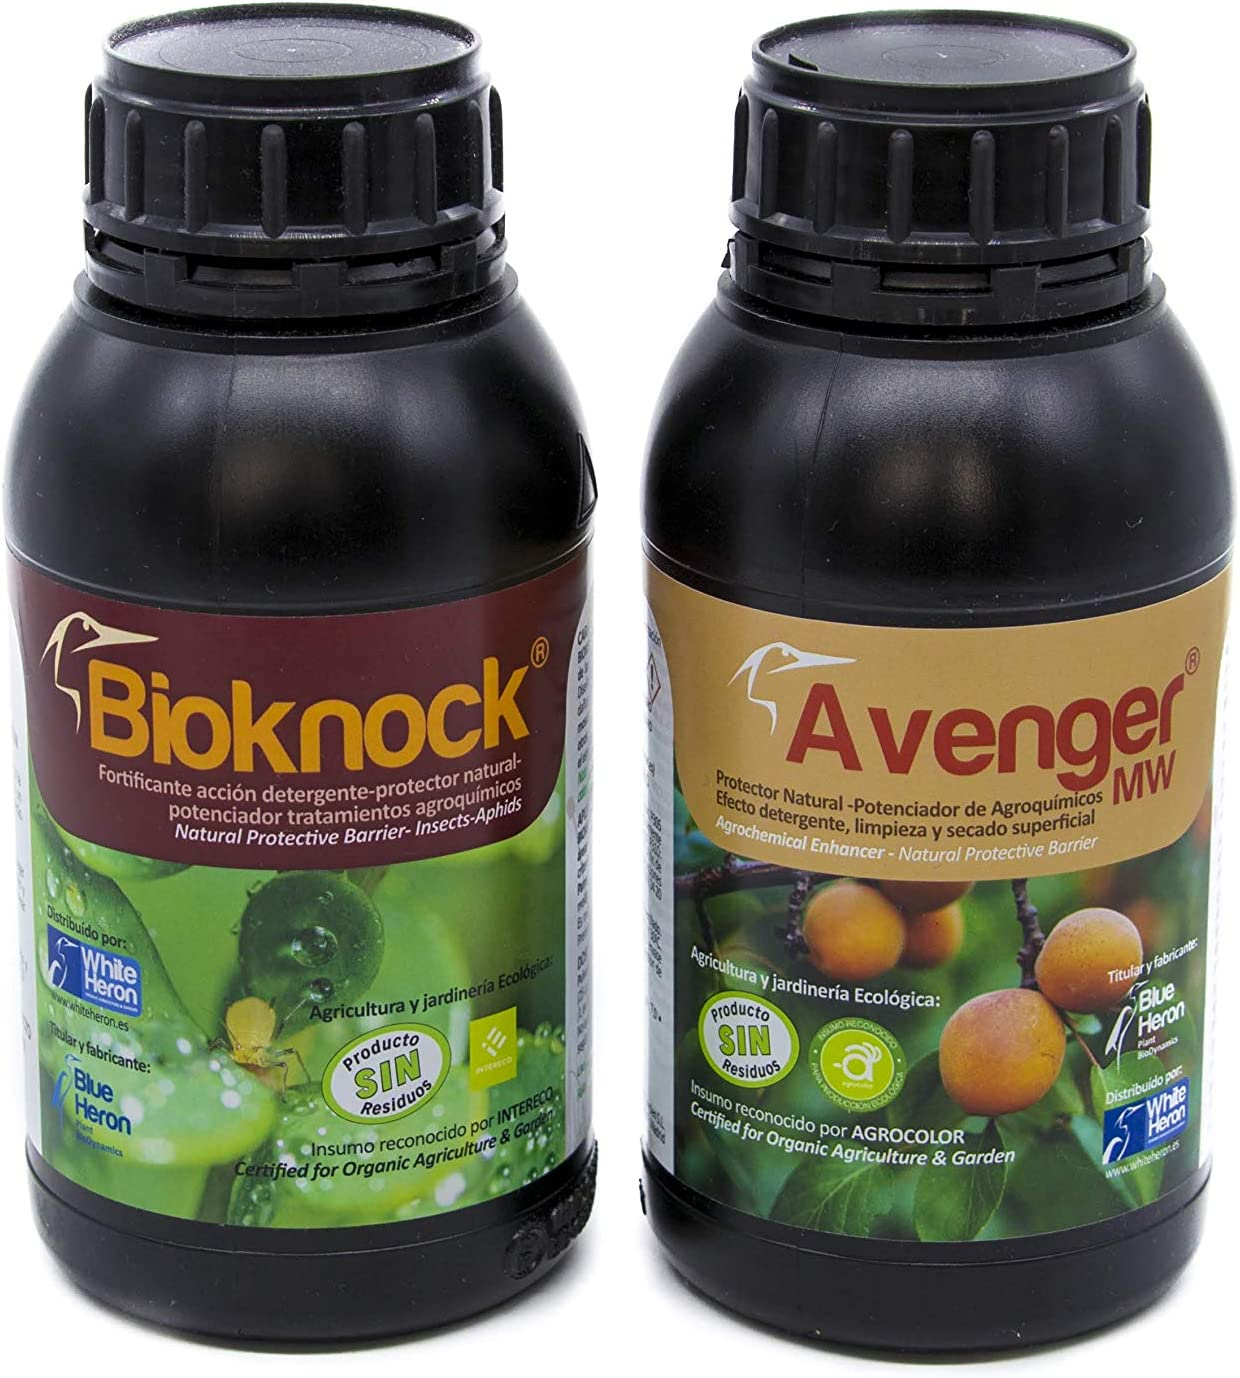 Pack BIOKNOCK® +Avenger® (600 m2). Perfil Insecticida Bioracional-Insectos/Pulgón/Hongos; Fito-fortificantes a Base extractos y aceites Vegetales - Fertilizantes Especiales, Polivalente. Ecológico